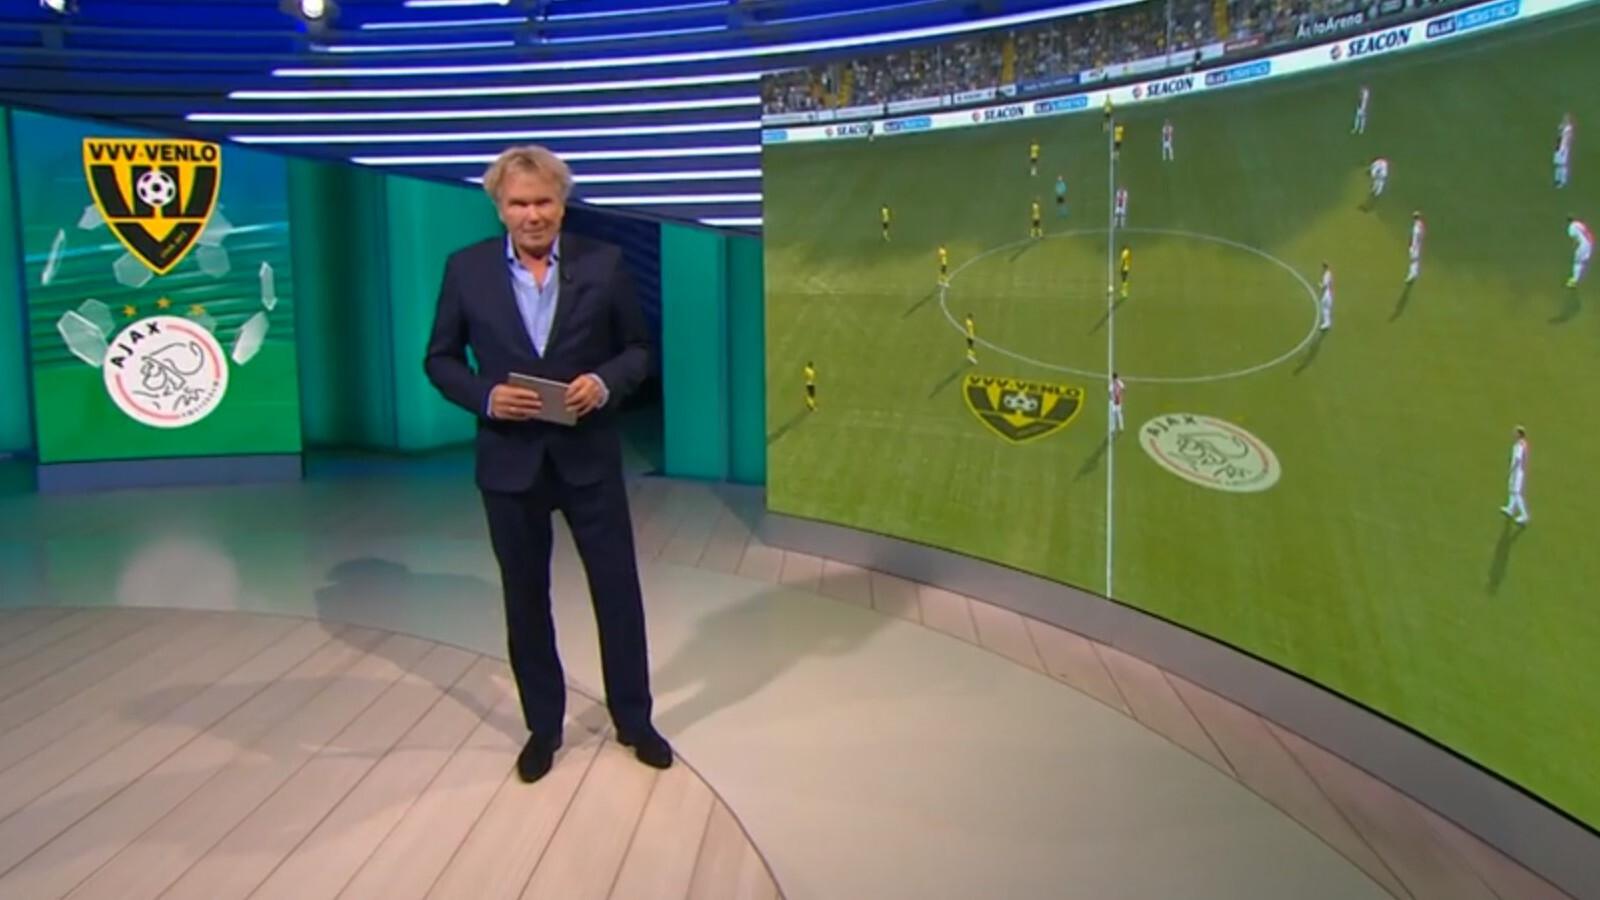 Meeste Kijkers Voor Studio Sport Eredivisie